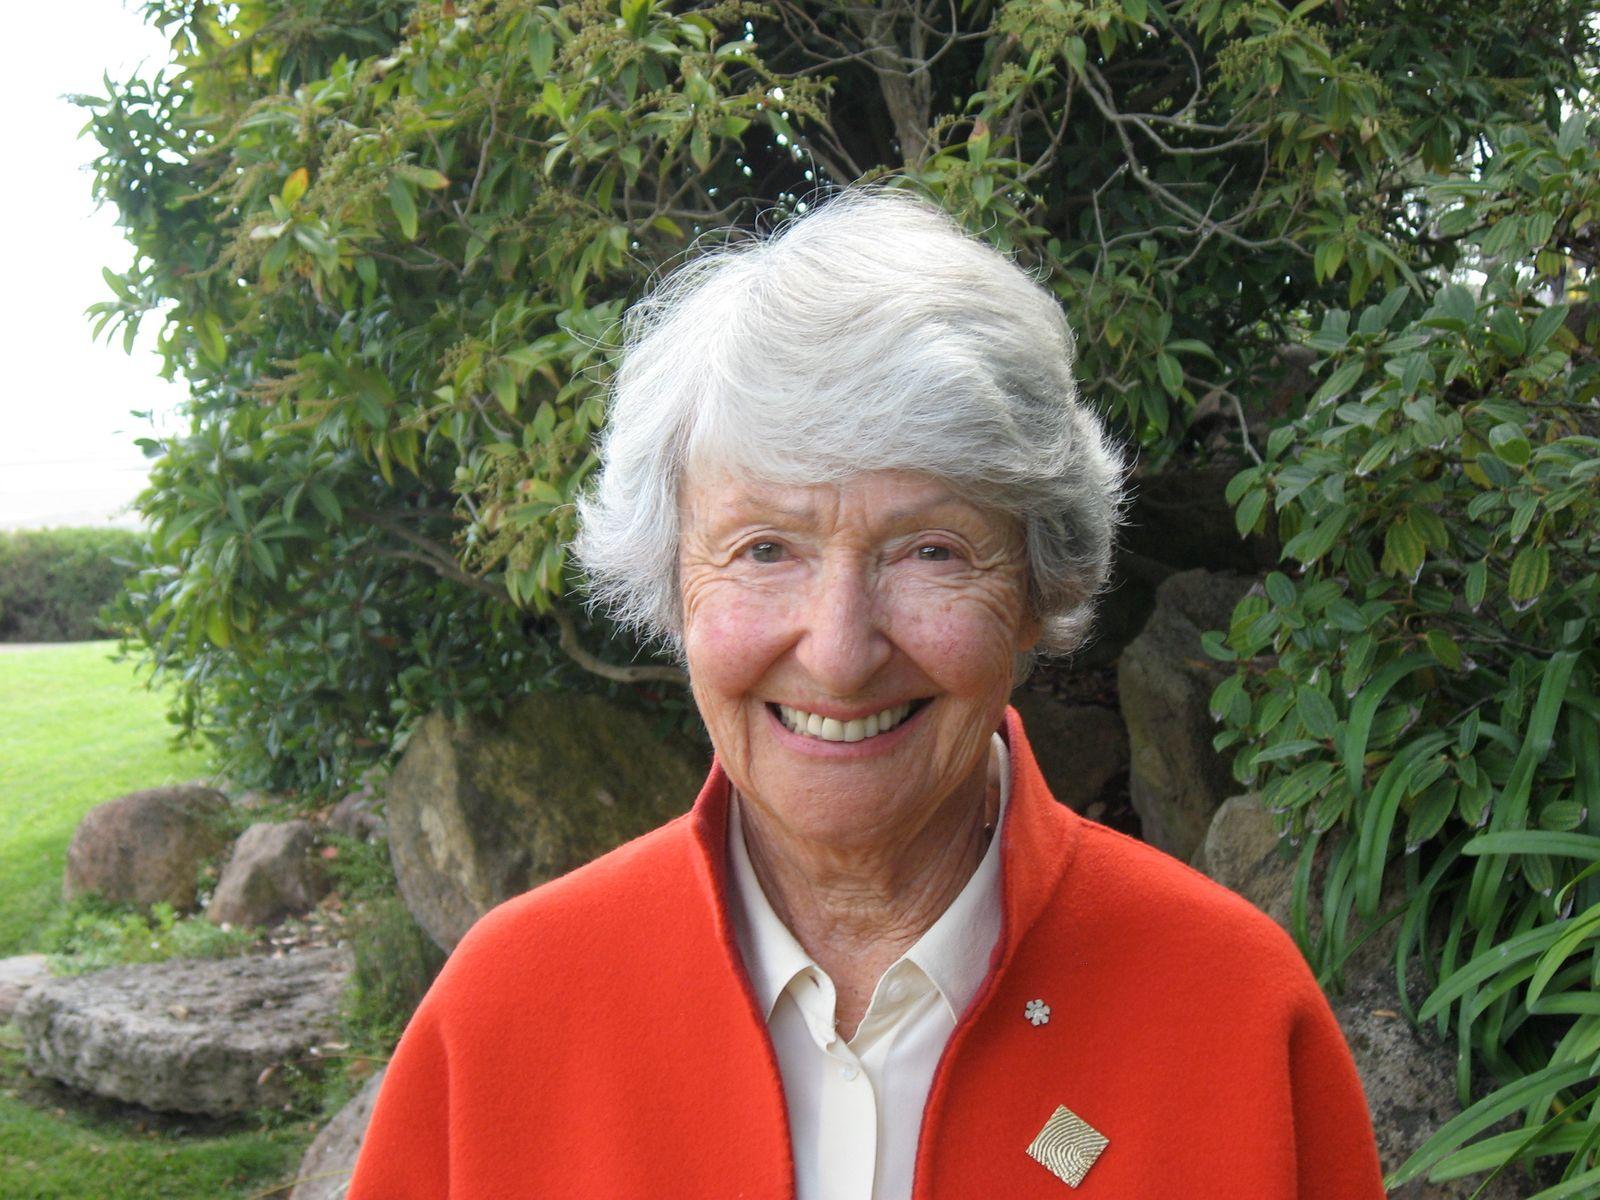 Landschaftsarchitektin Cornelia Oberlander ist tot